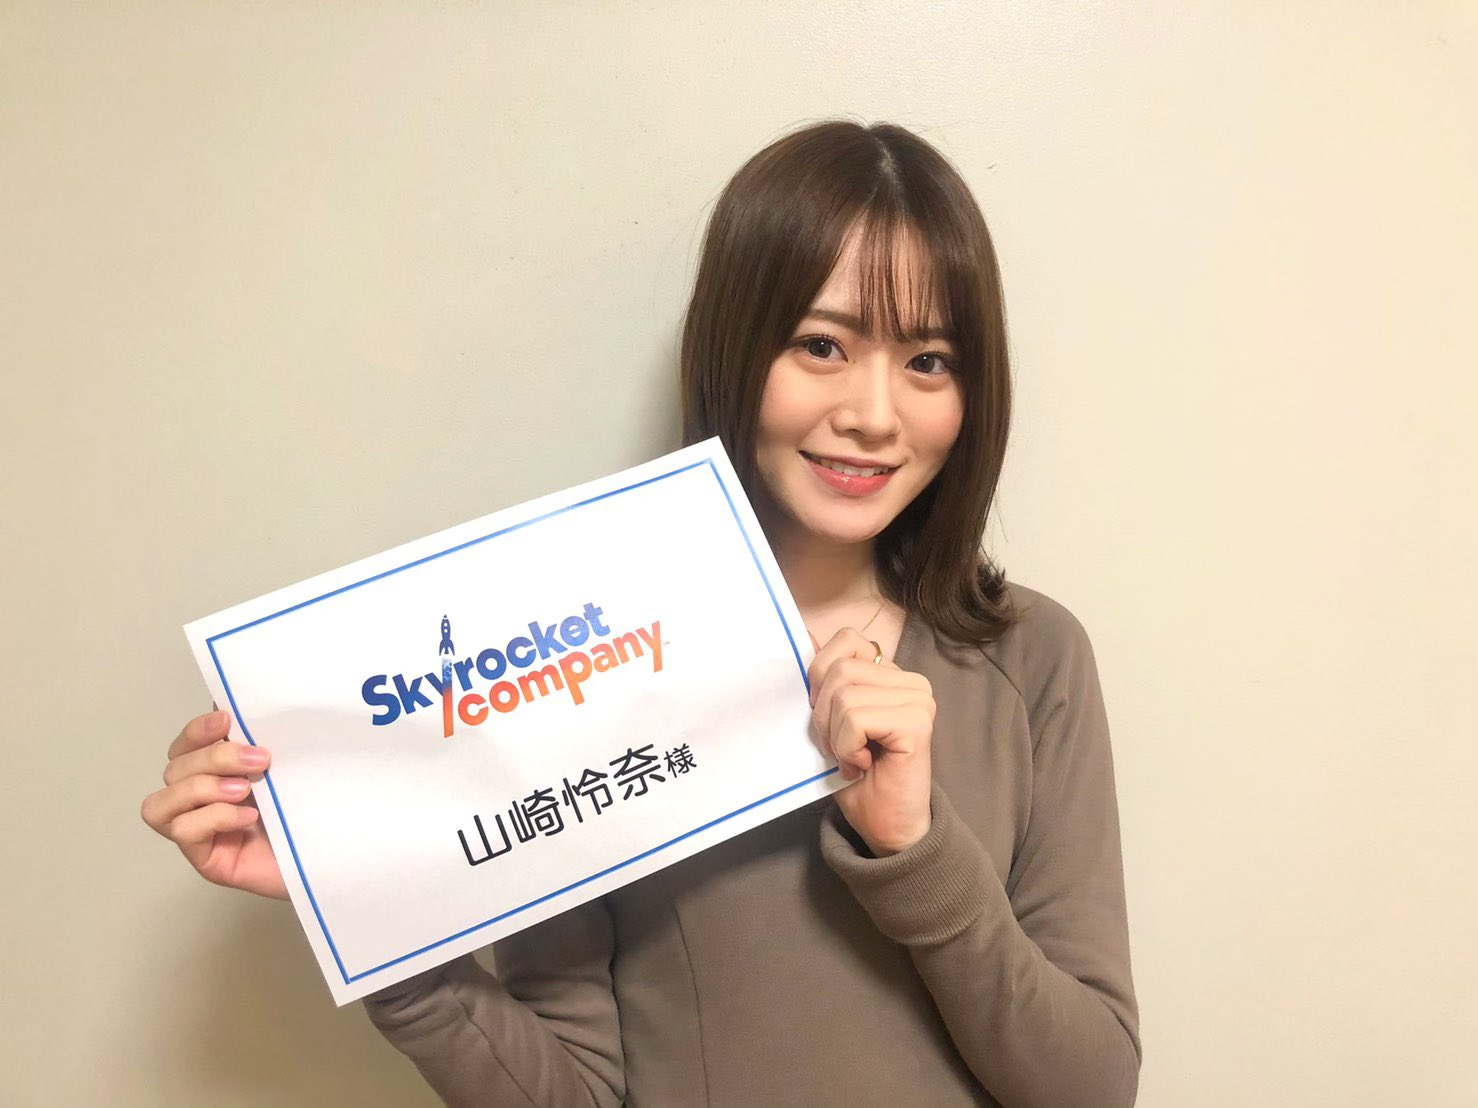 Skyrocket Company 山崎怜奈